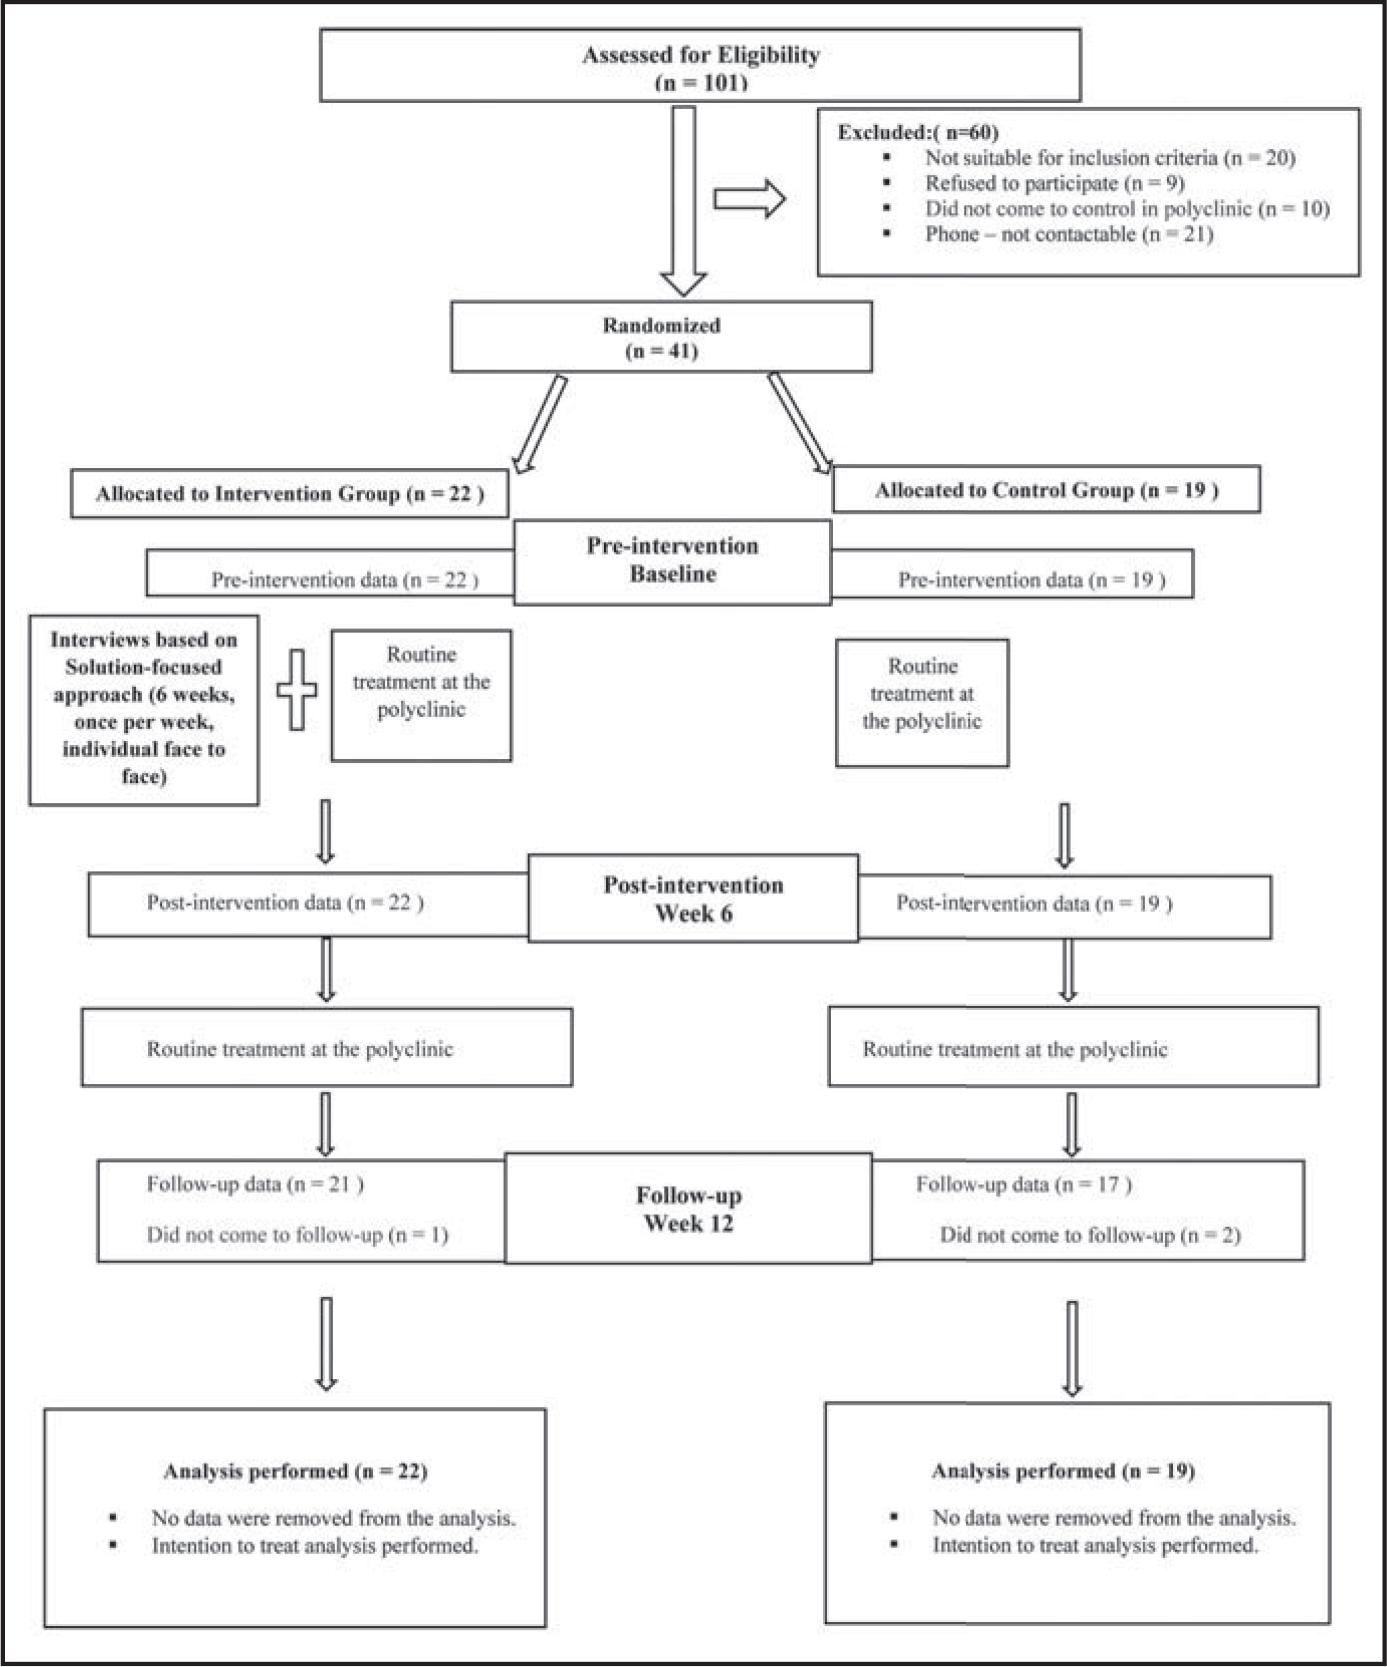 CONSORT diagram showing participant flow through the study.